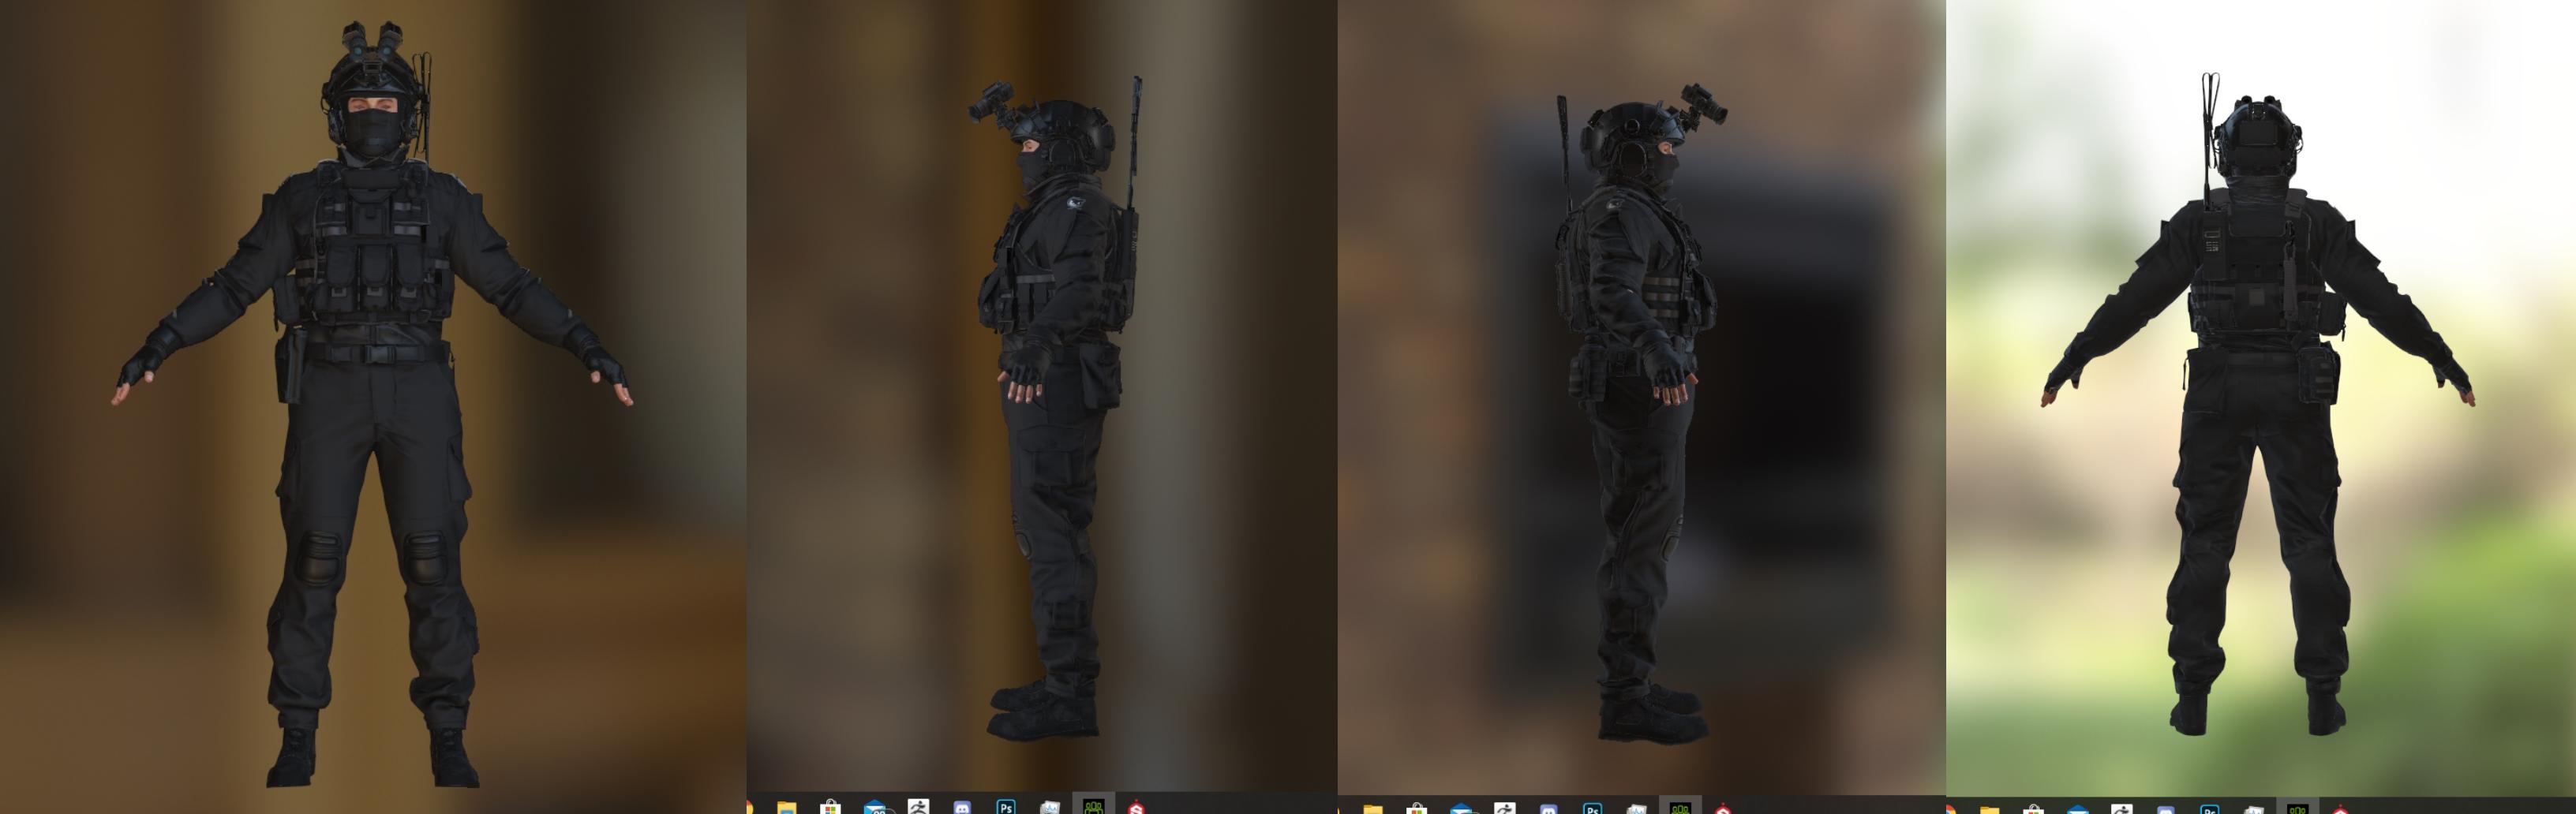 Spec Ops Revamp